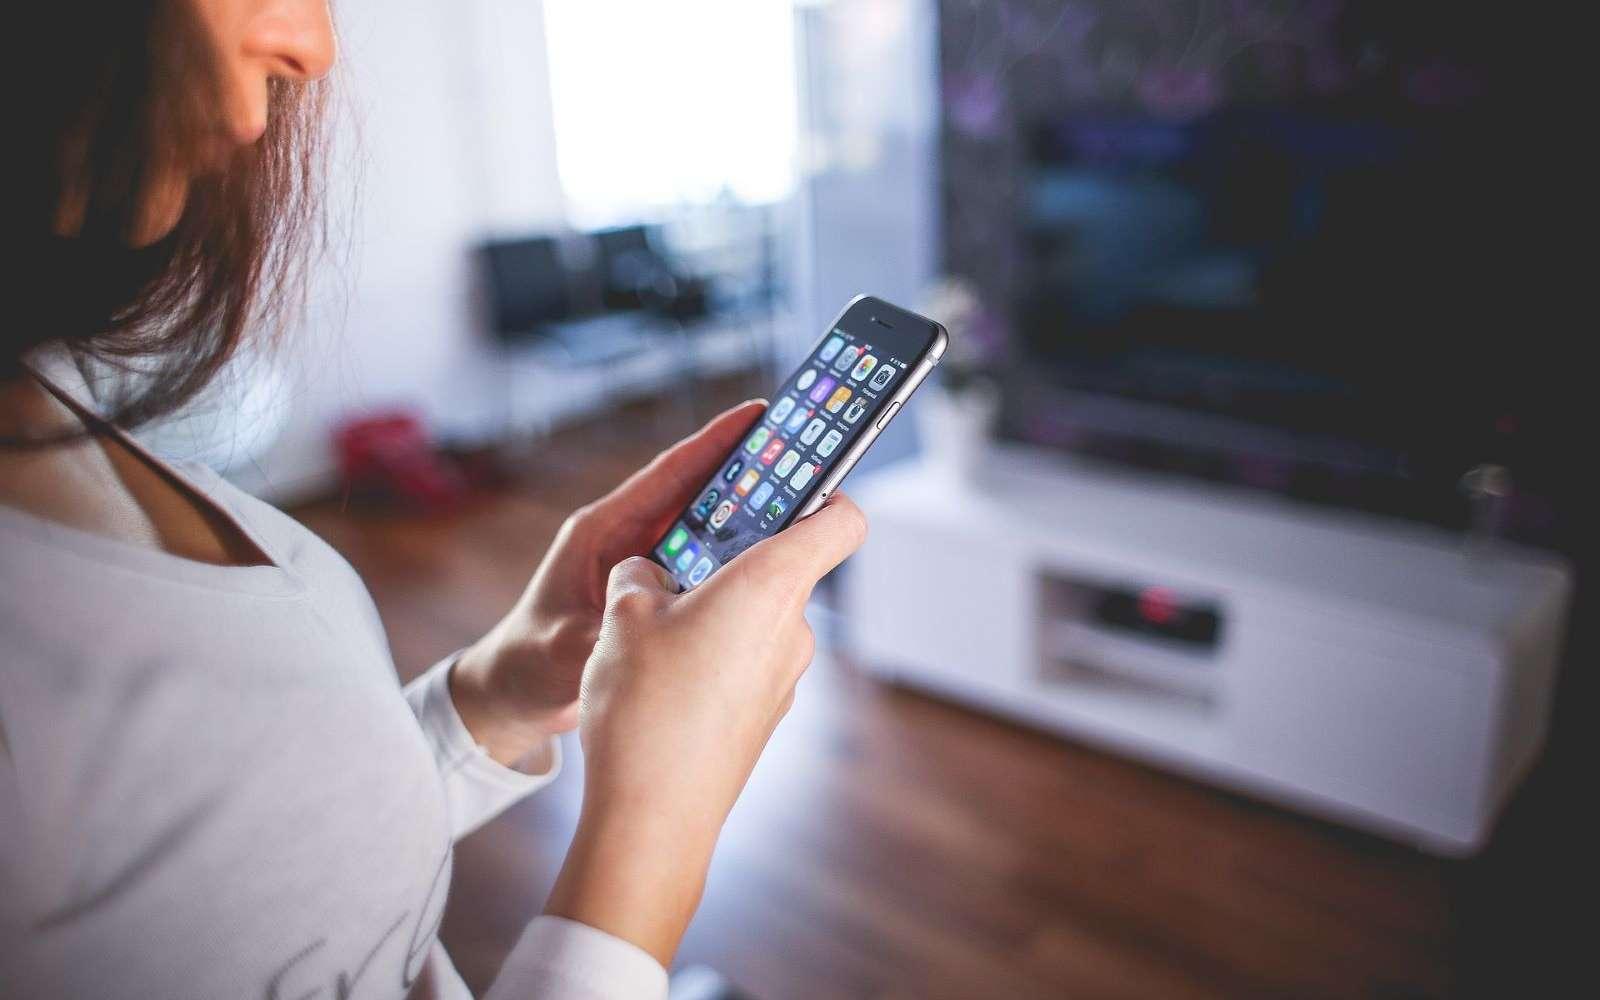 De la même façon qu'on peut désormais localiser un iPhone perdu, on pourra bientôt retrouver ses clés ou son sac à main égaré. © picjumbo_com, Pixabay